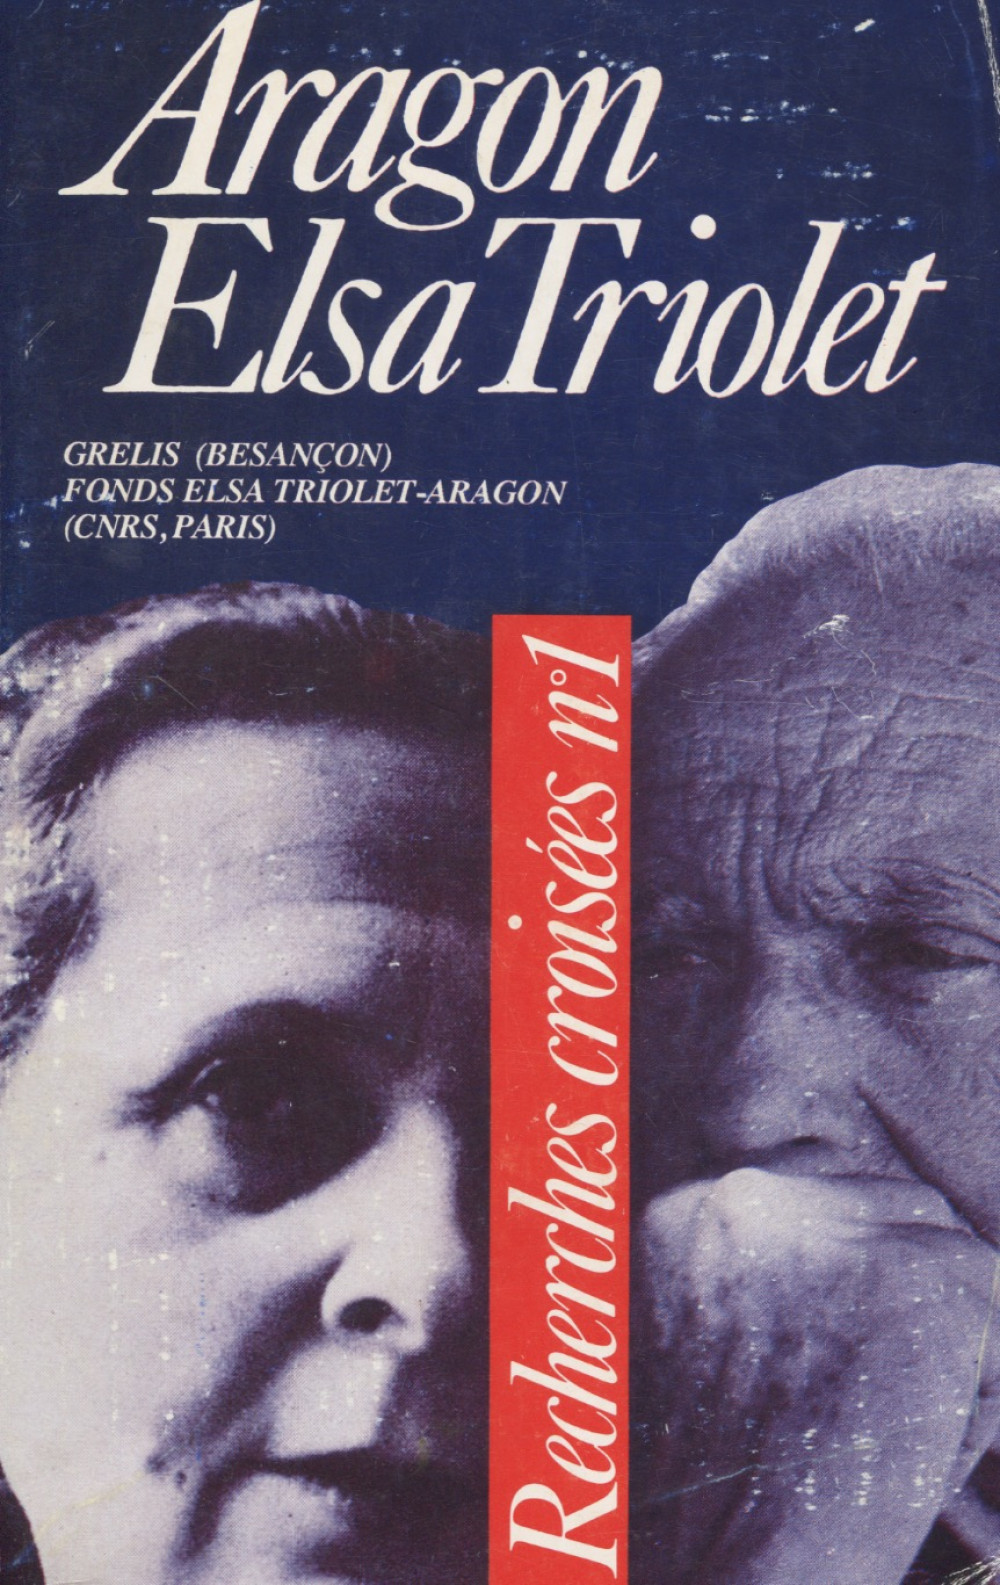 Recherches croisées. Aragon / Elsa Triolet n°1